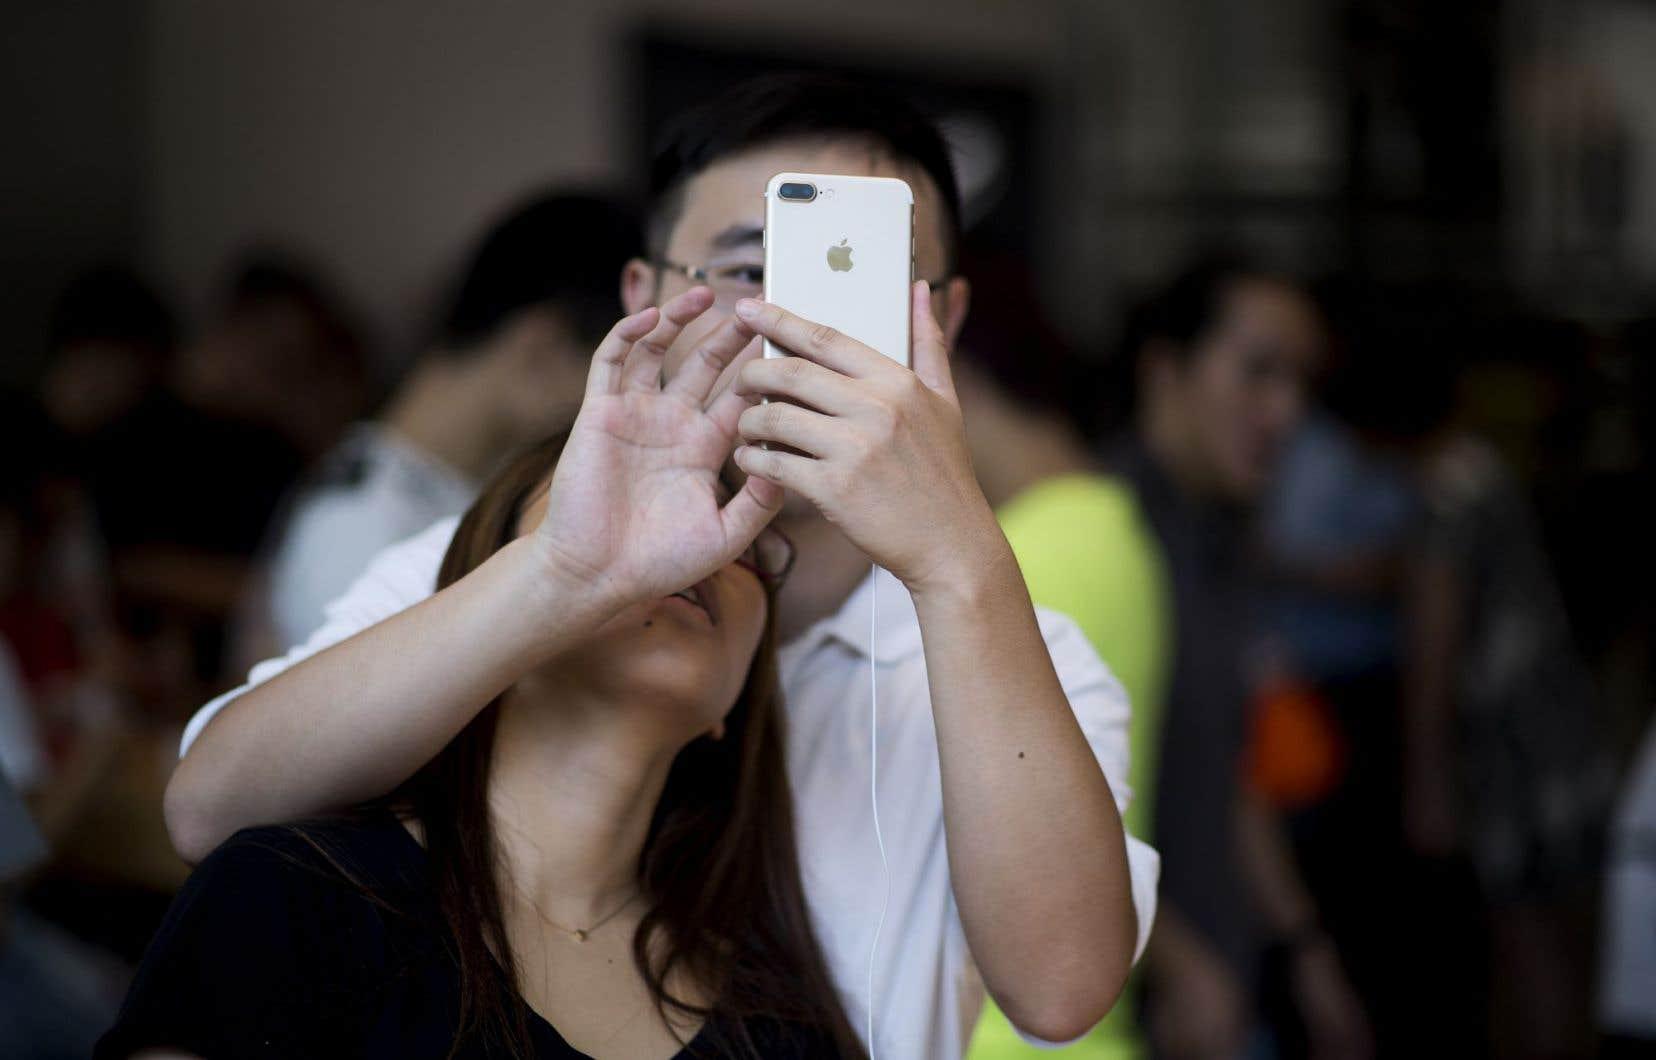 Les ventes du nouvel iPhone 7 ont déçu jusqu'à présent, mais Apple pense qu'elles seront nettement meilleures durant les trois derniers mois de l'année.